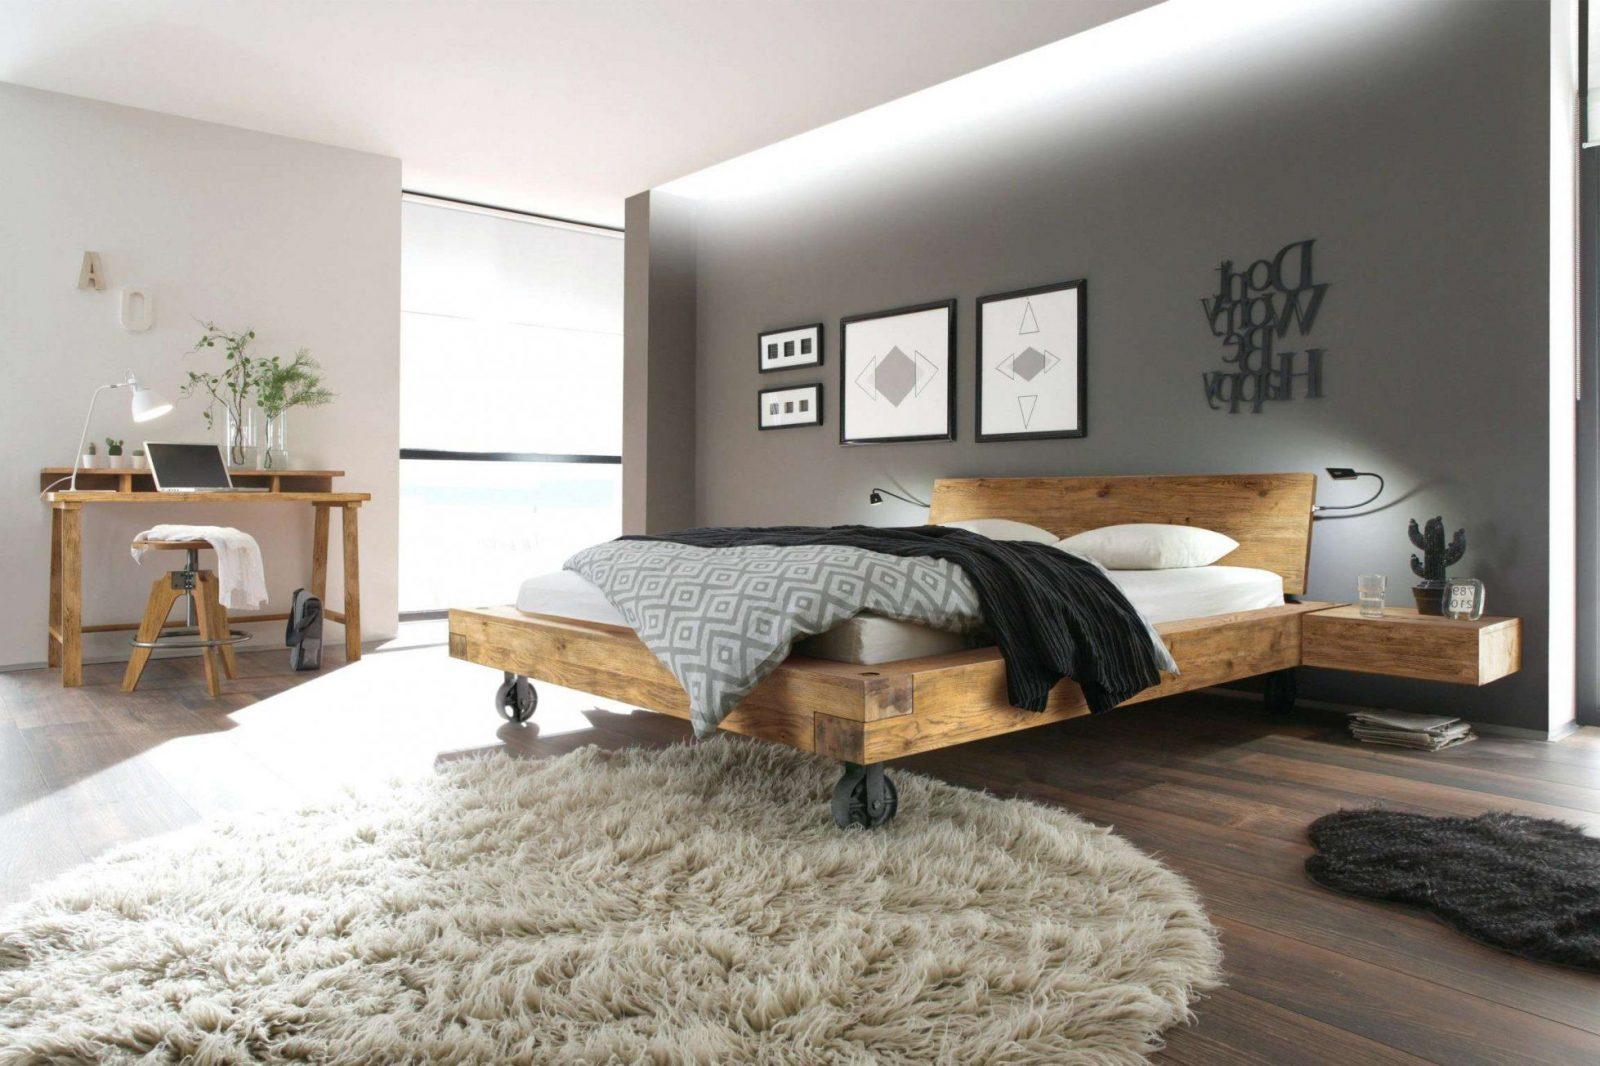 31 Luxus Betten Für Kleine Zimmer Grafik  Inspirierendes Design von Bett Ideen Für Kleine Zimmer Bild